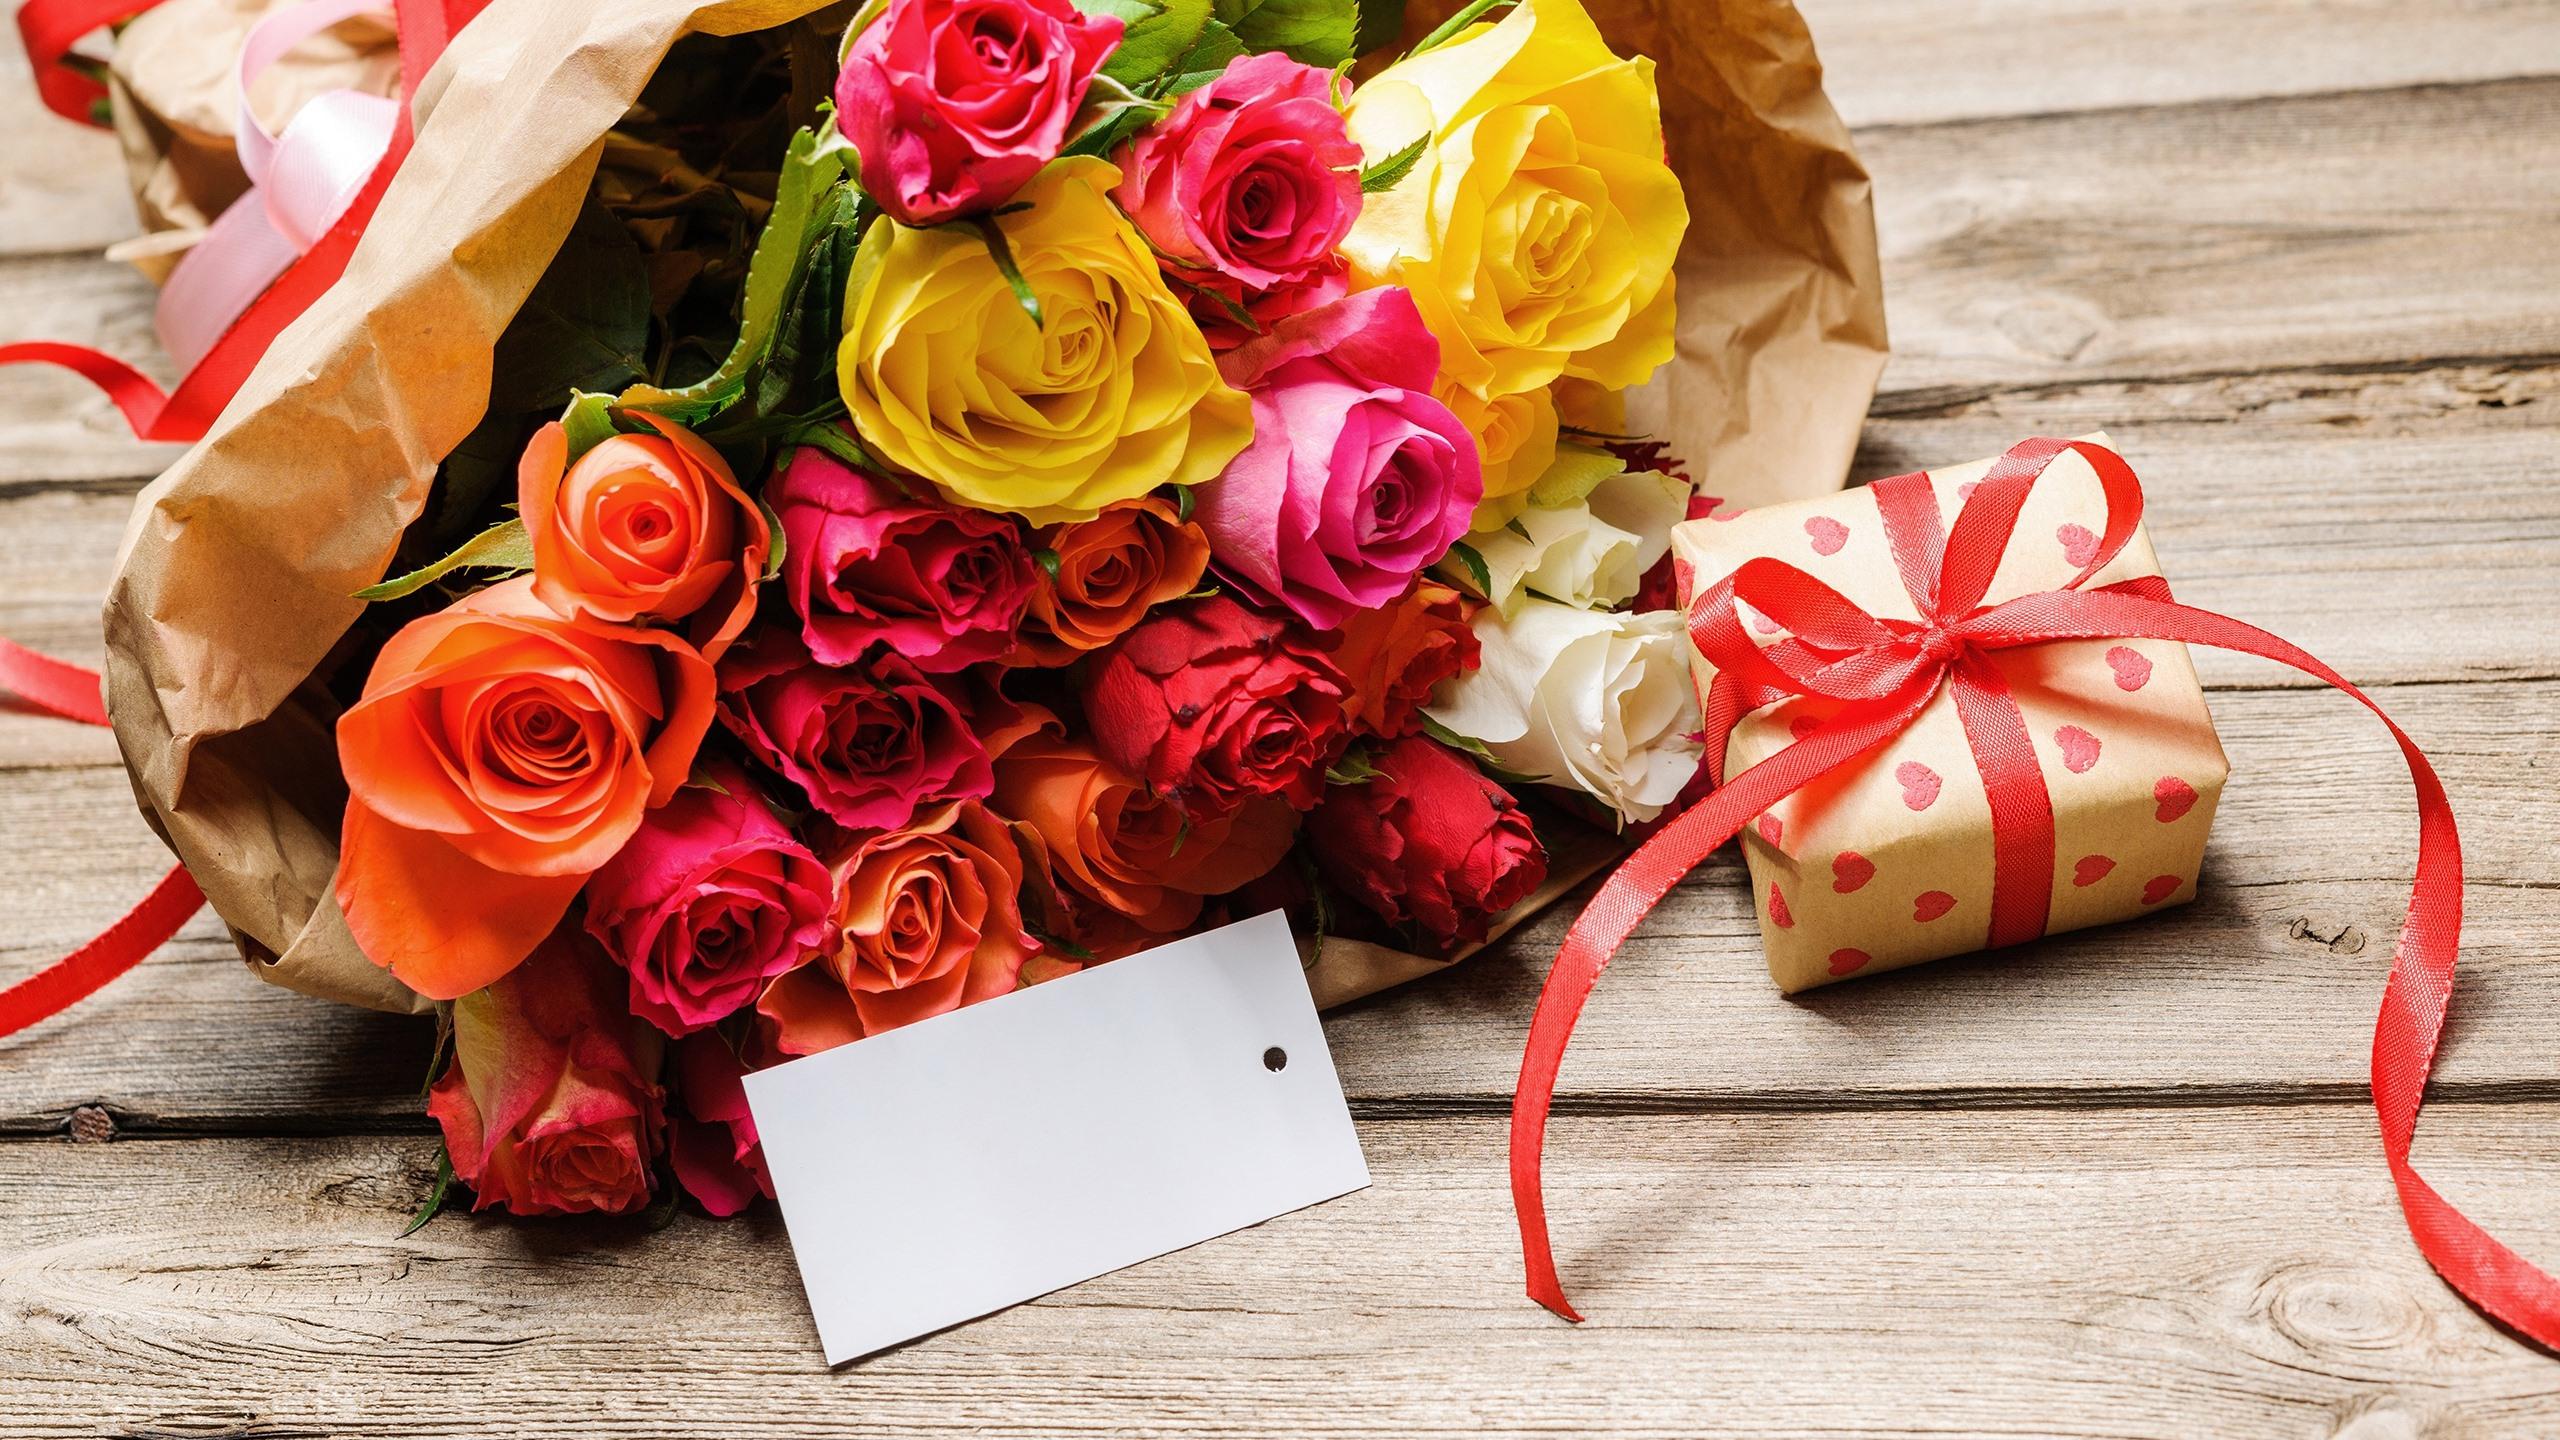 поздравление с днем рождения при вручении букета компания специализируется